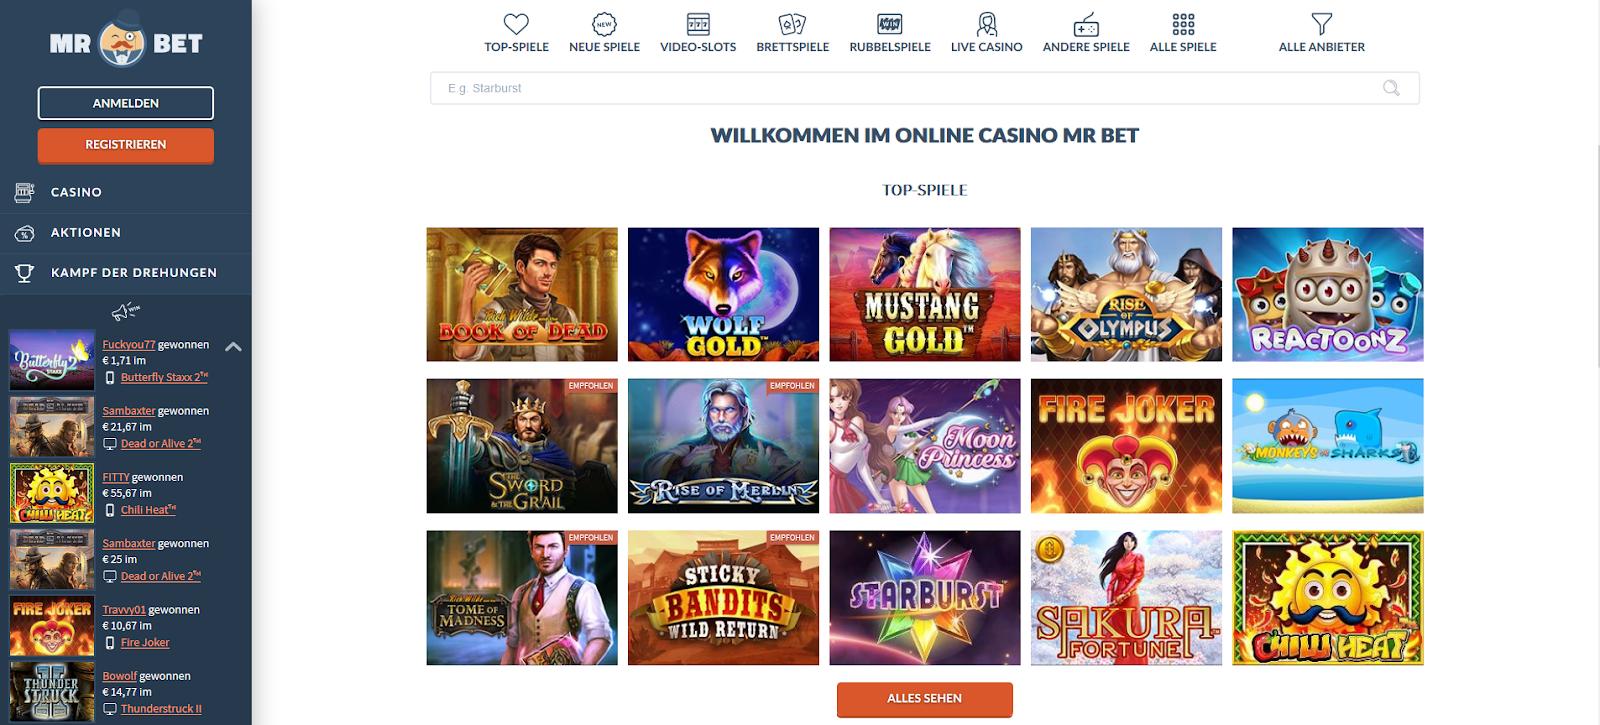 MrBet Casino Website: Spiele von Anbietern.